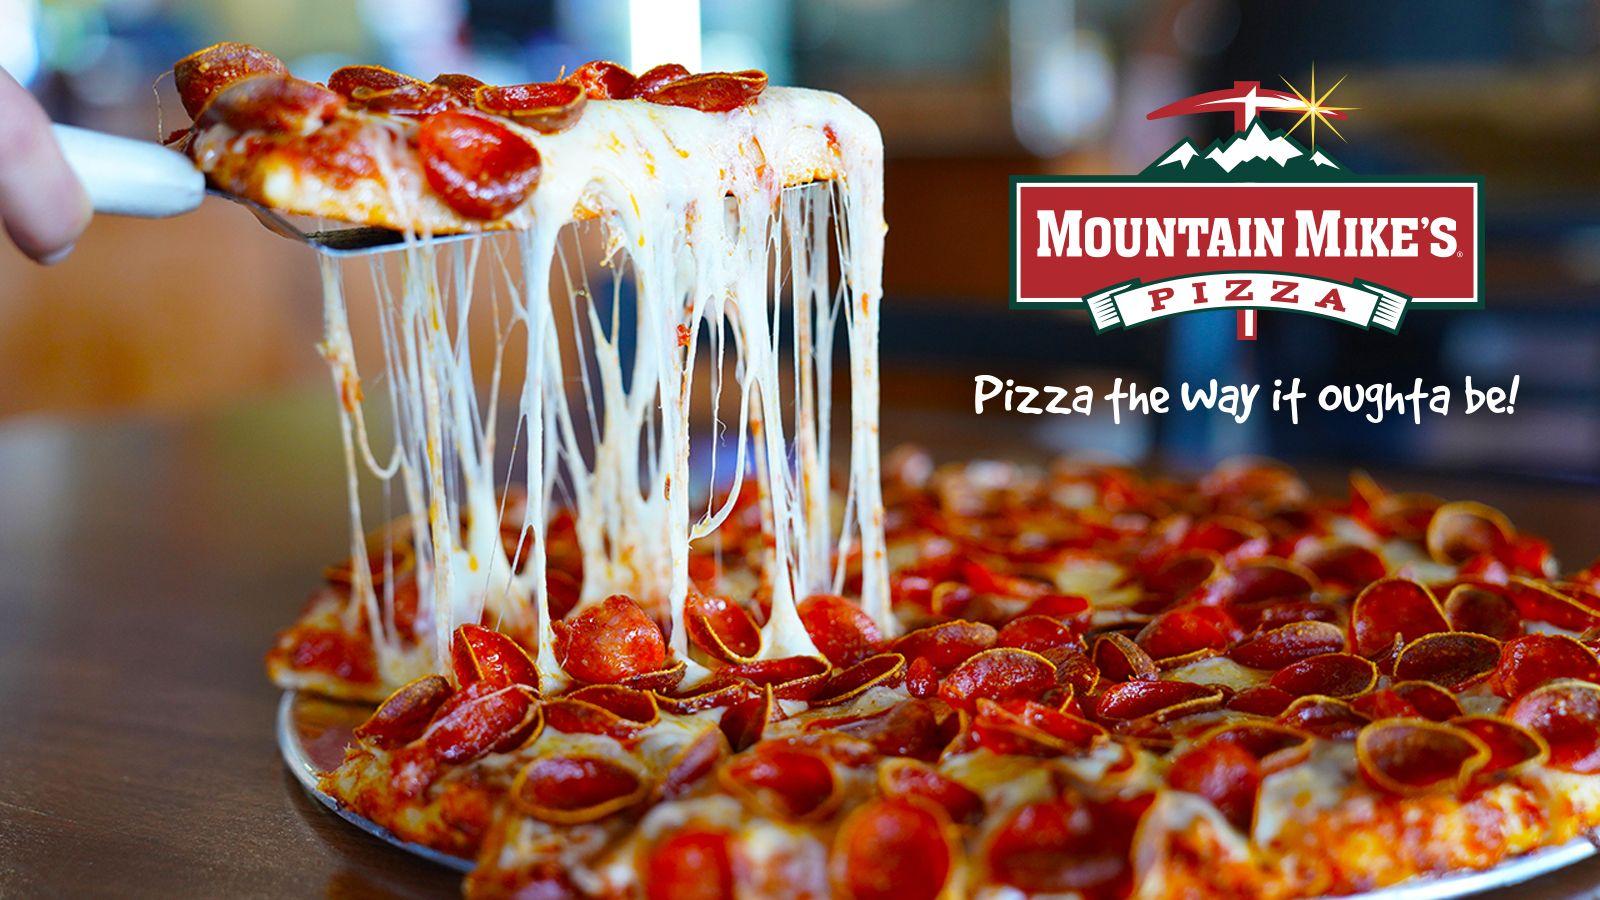 Mountain Mike's Pizza nommée l'une des chaînes de restaurants les plus performantes du pays par deux publications de premier plan